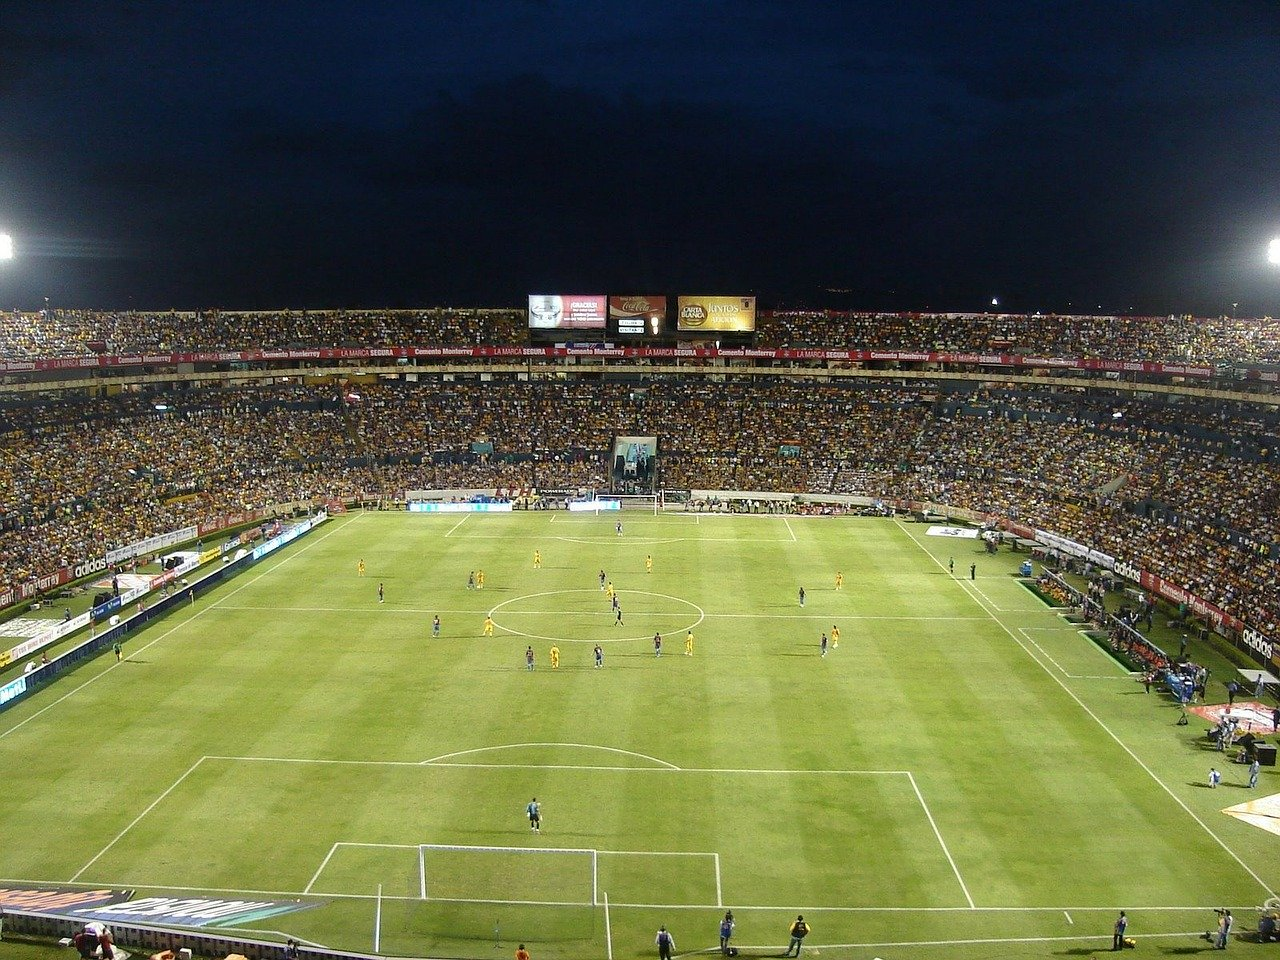 מחשק כדורגל